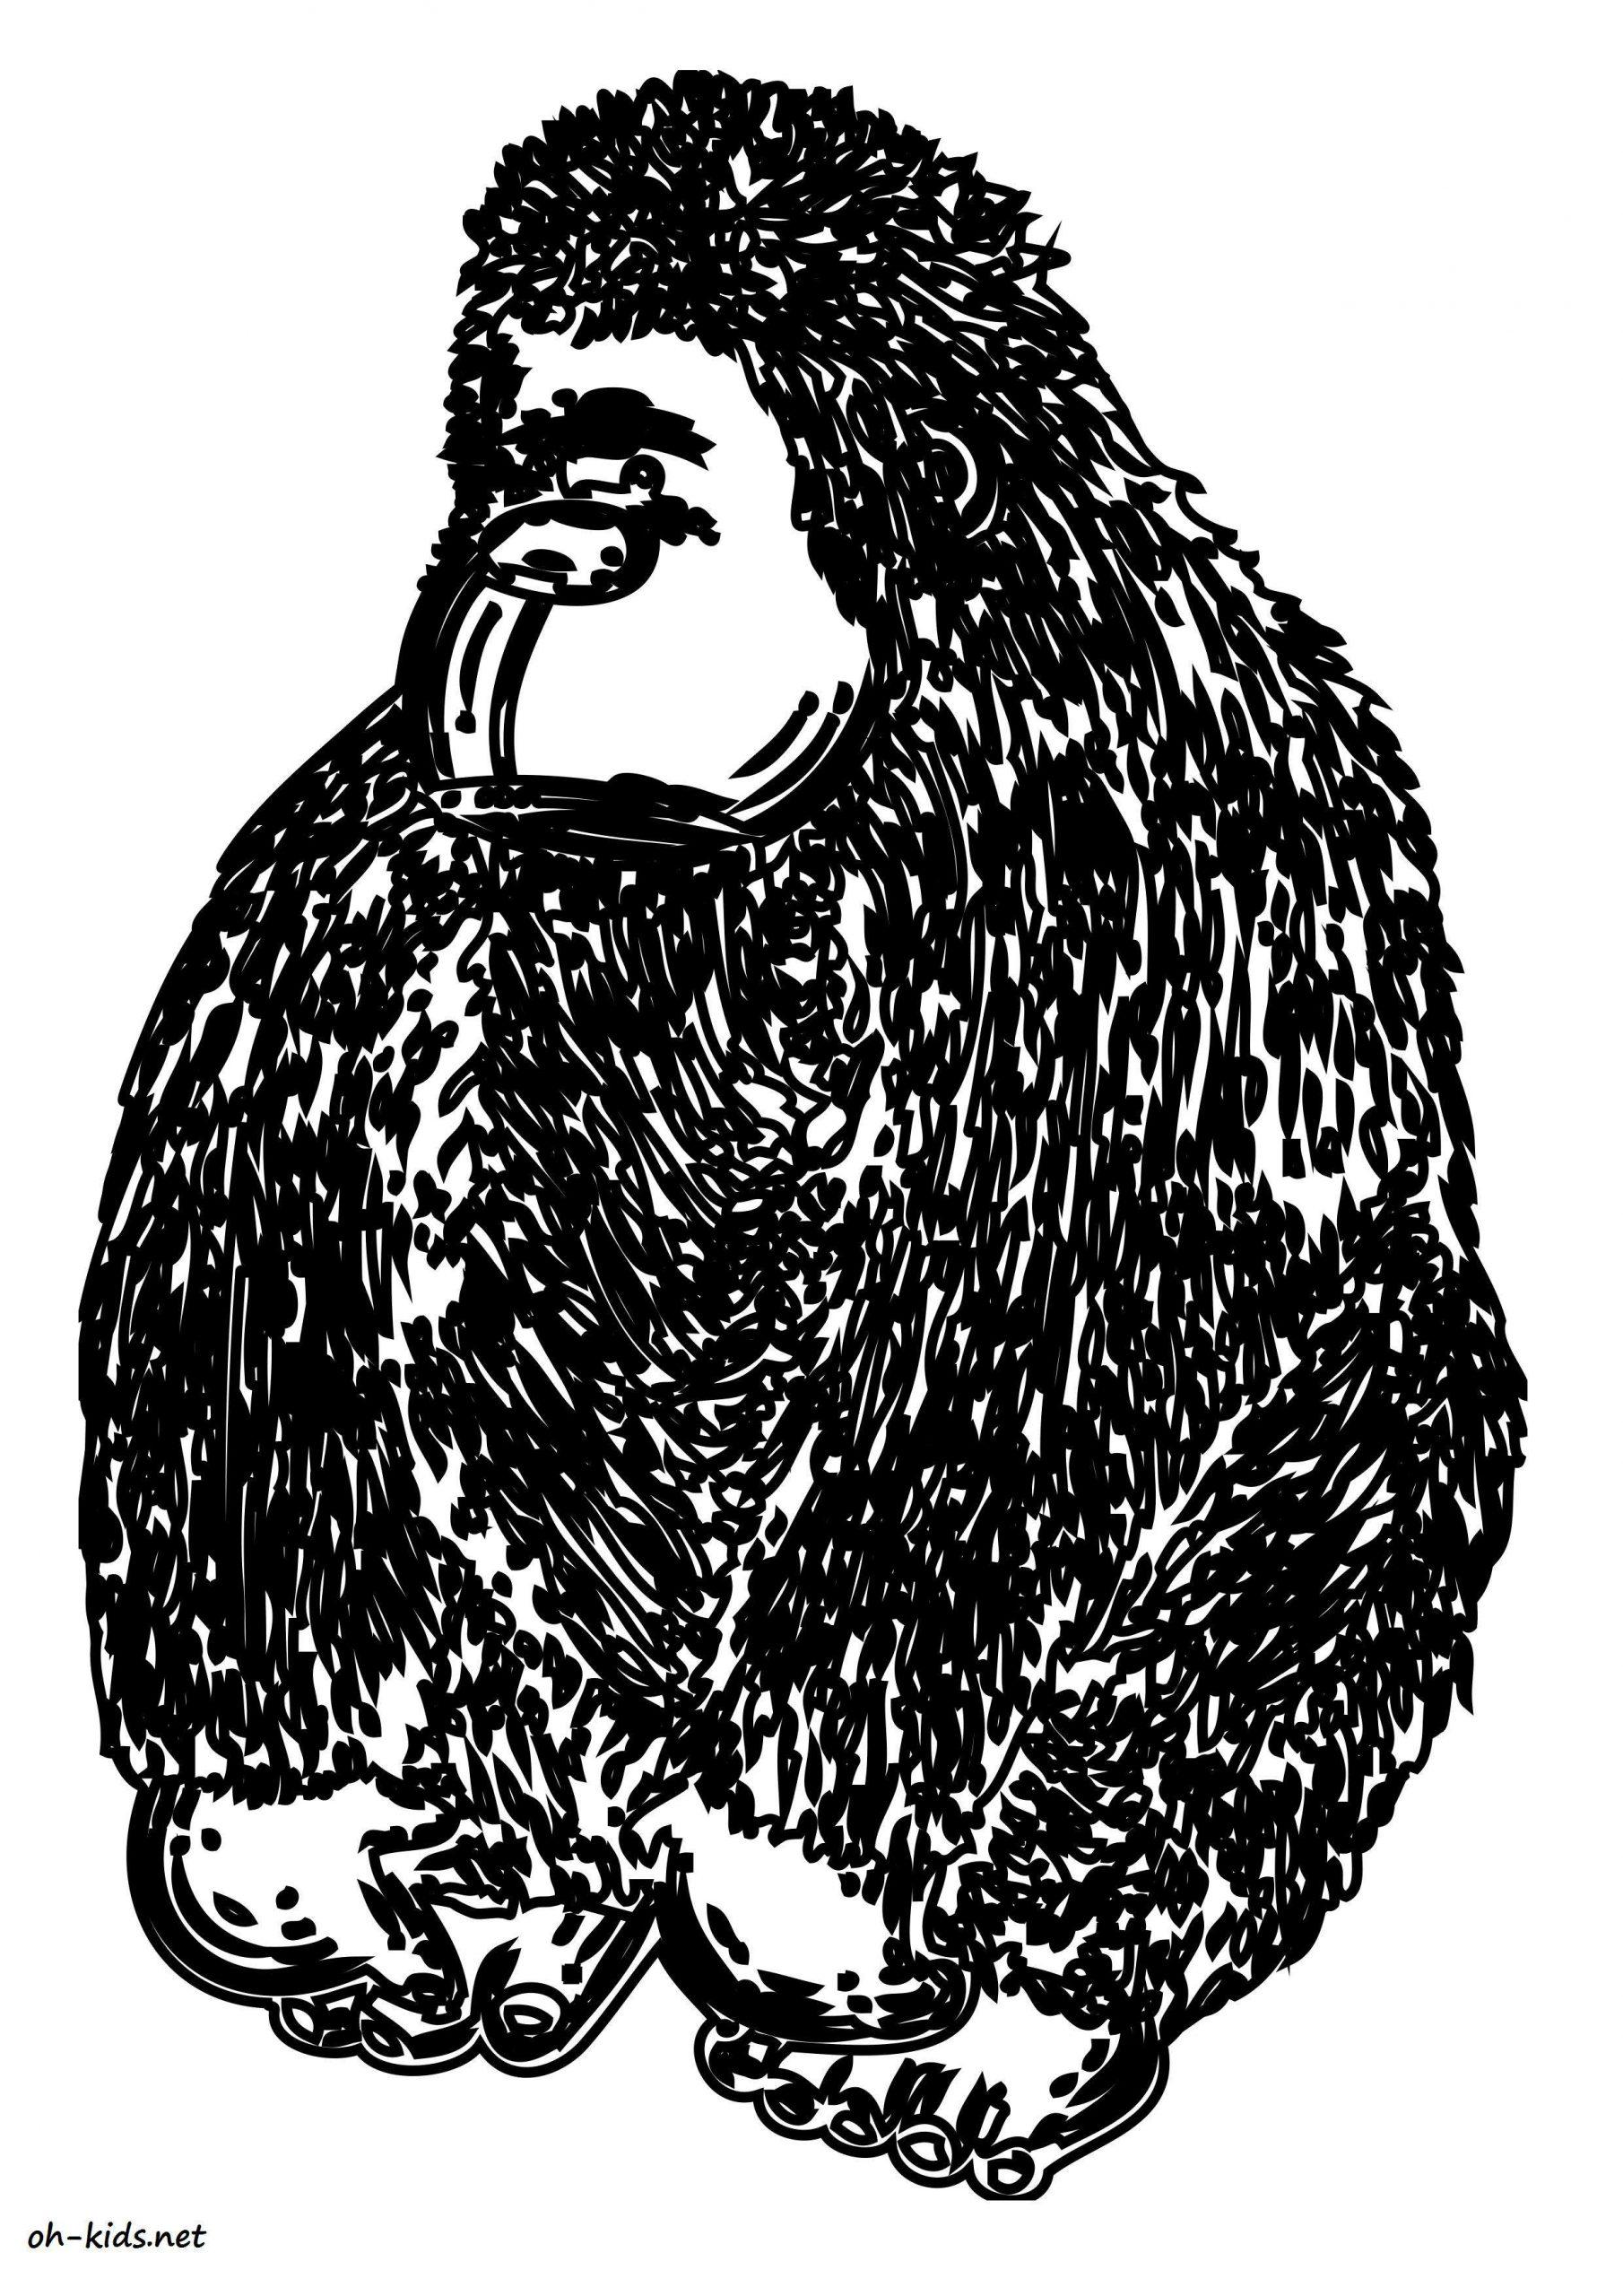 Dessin #1594 - Coloriage Gorille À Imprimer - Oh-Kids pour Coloriage Gorille